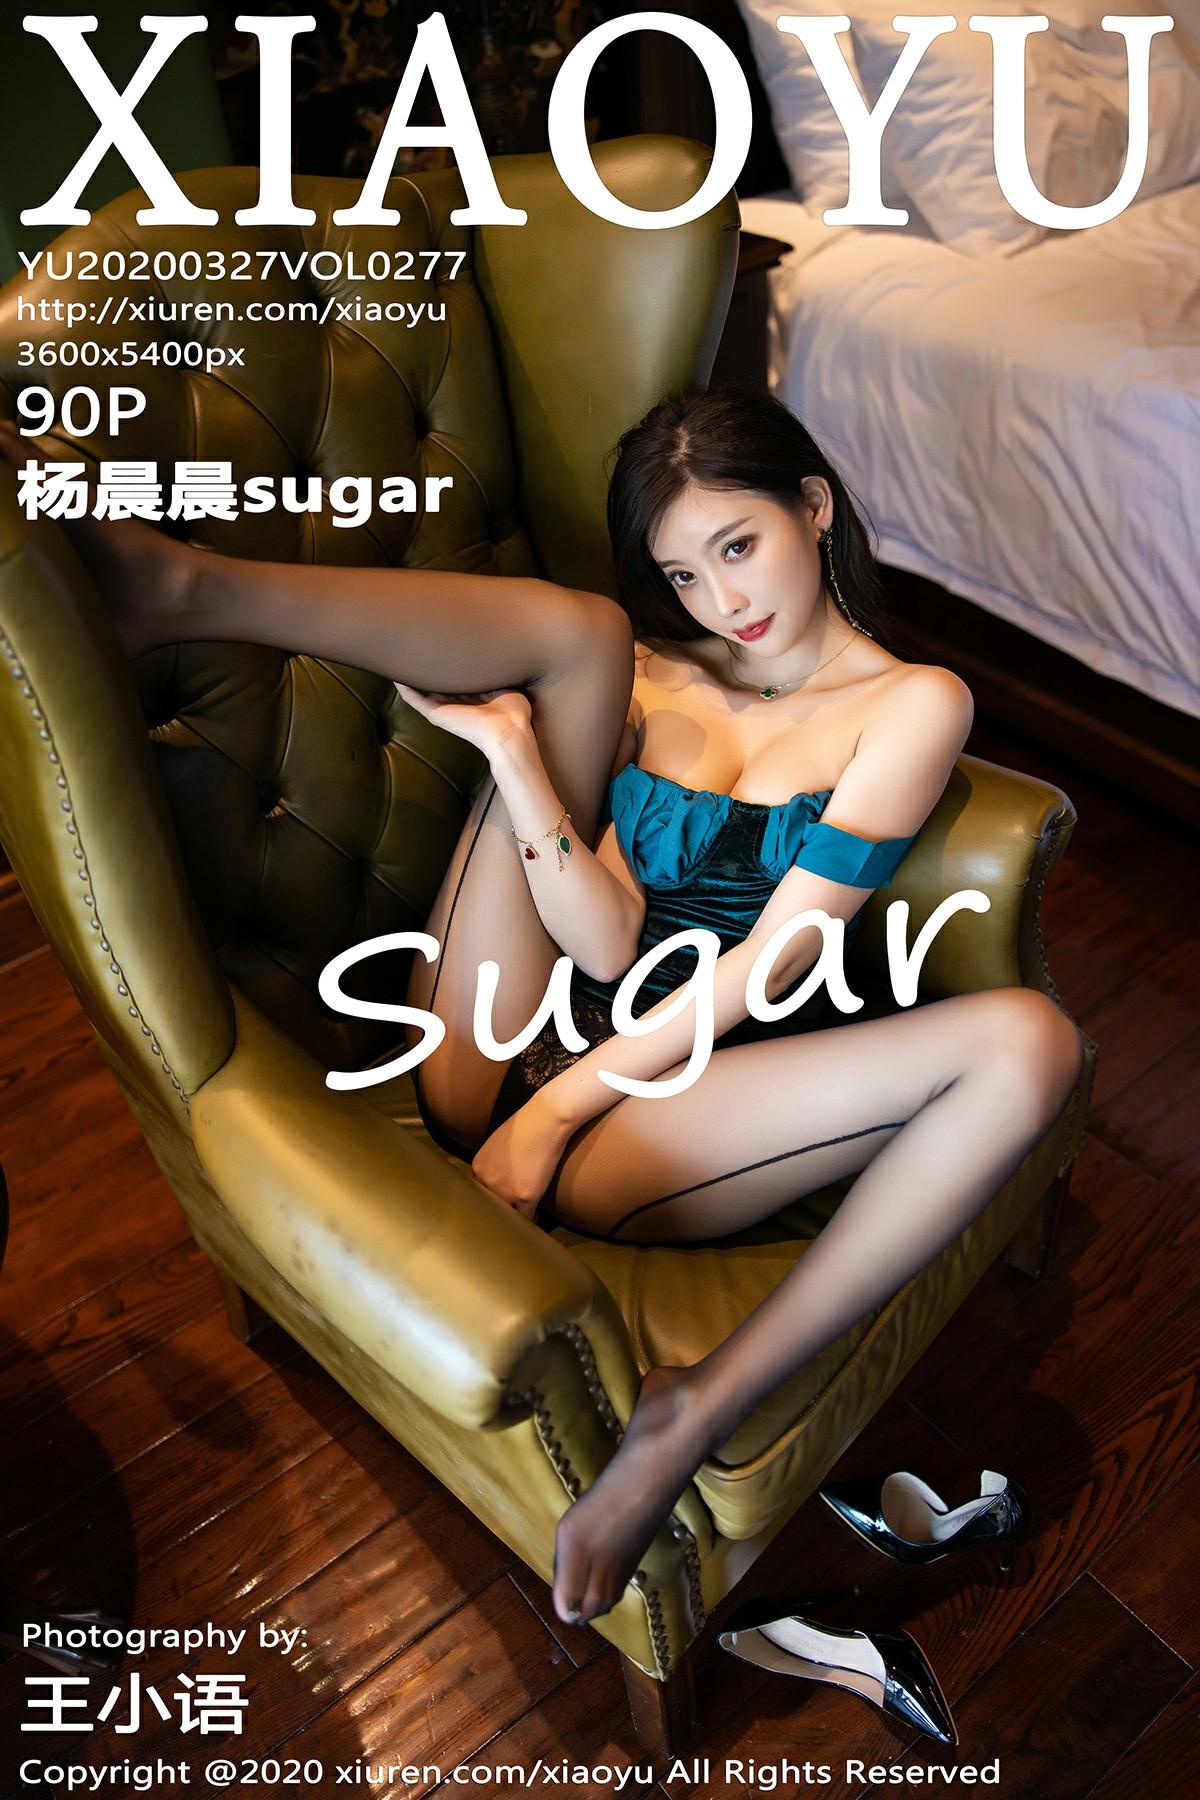 [XIAOYU语画界]2020.03.27 VOL.277 杨晨晨sugar[87P] 语画界 第1张